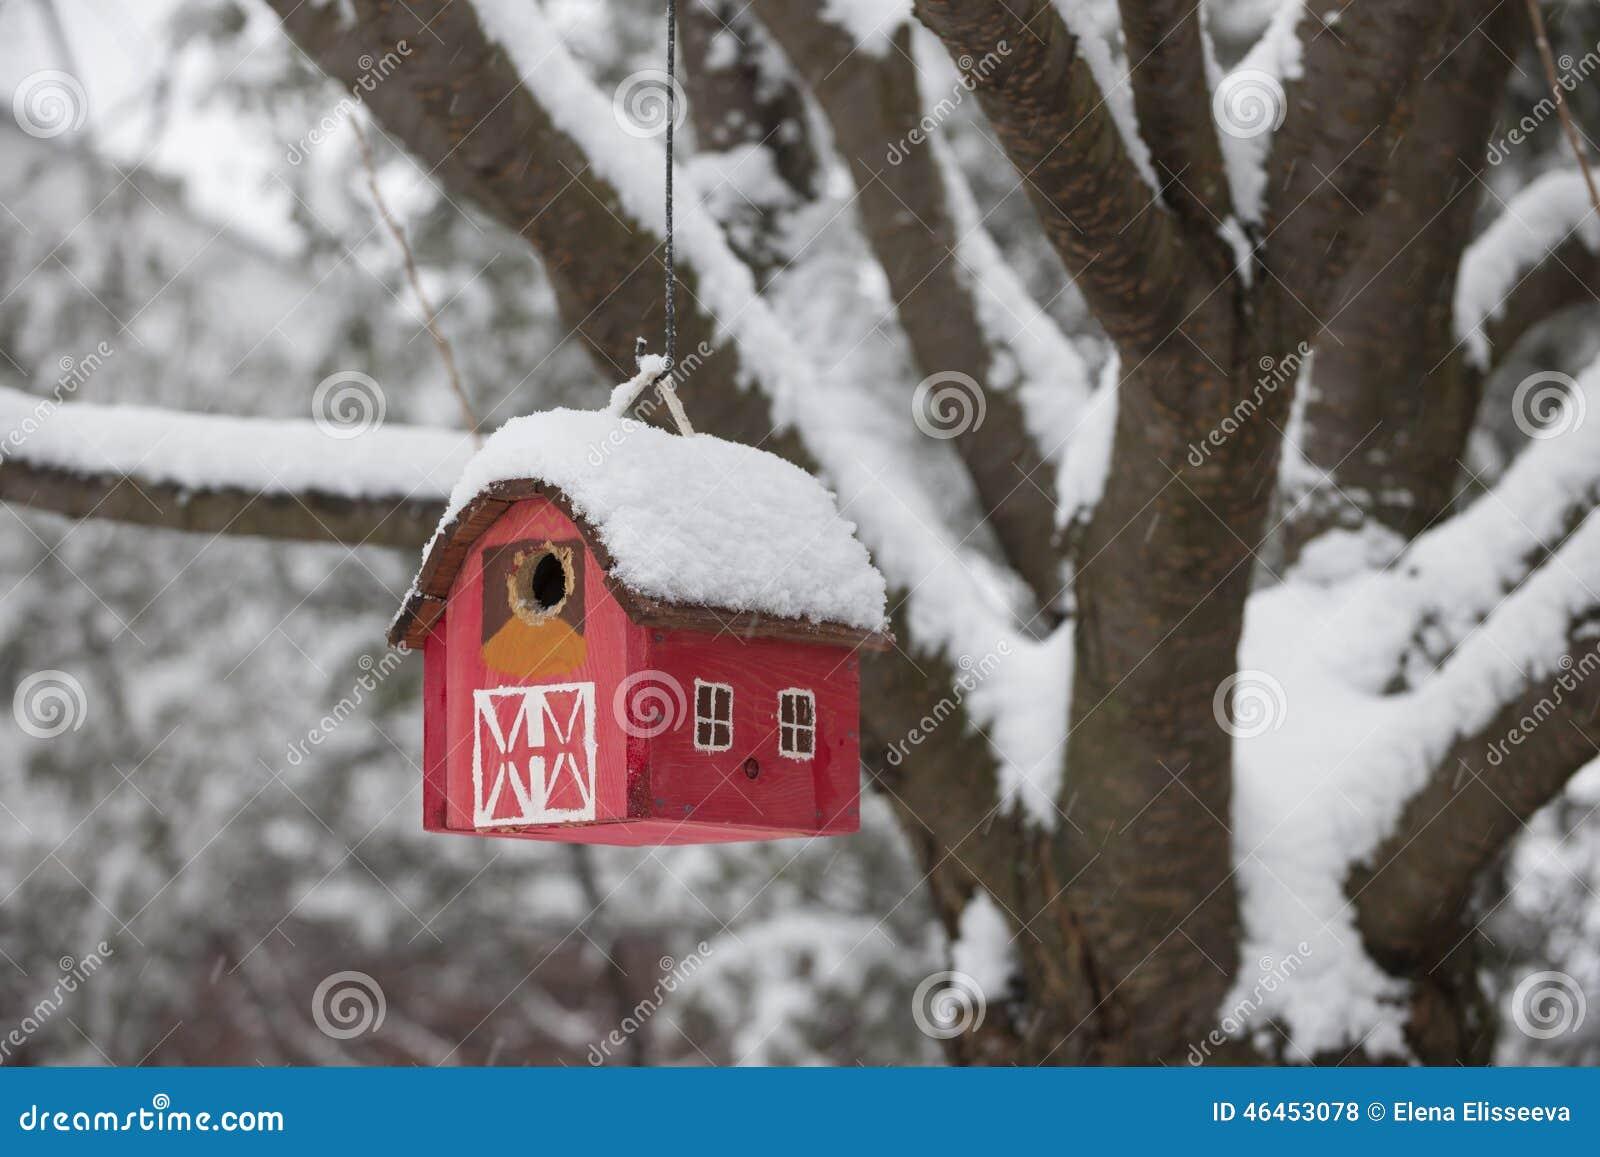 Bird house on tree in winter